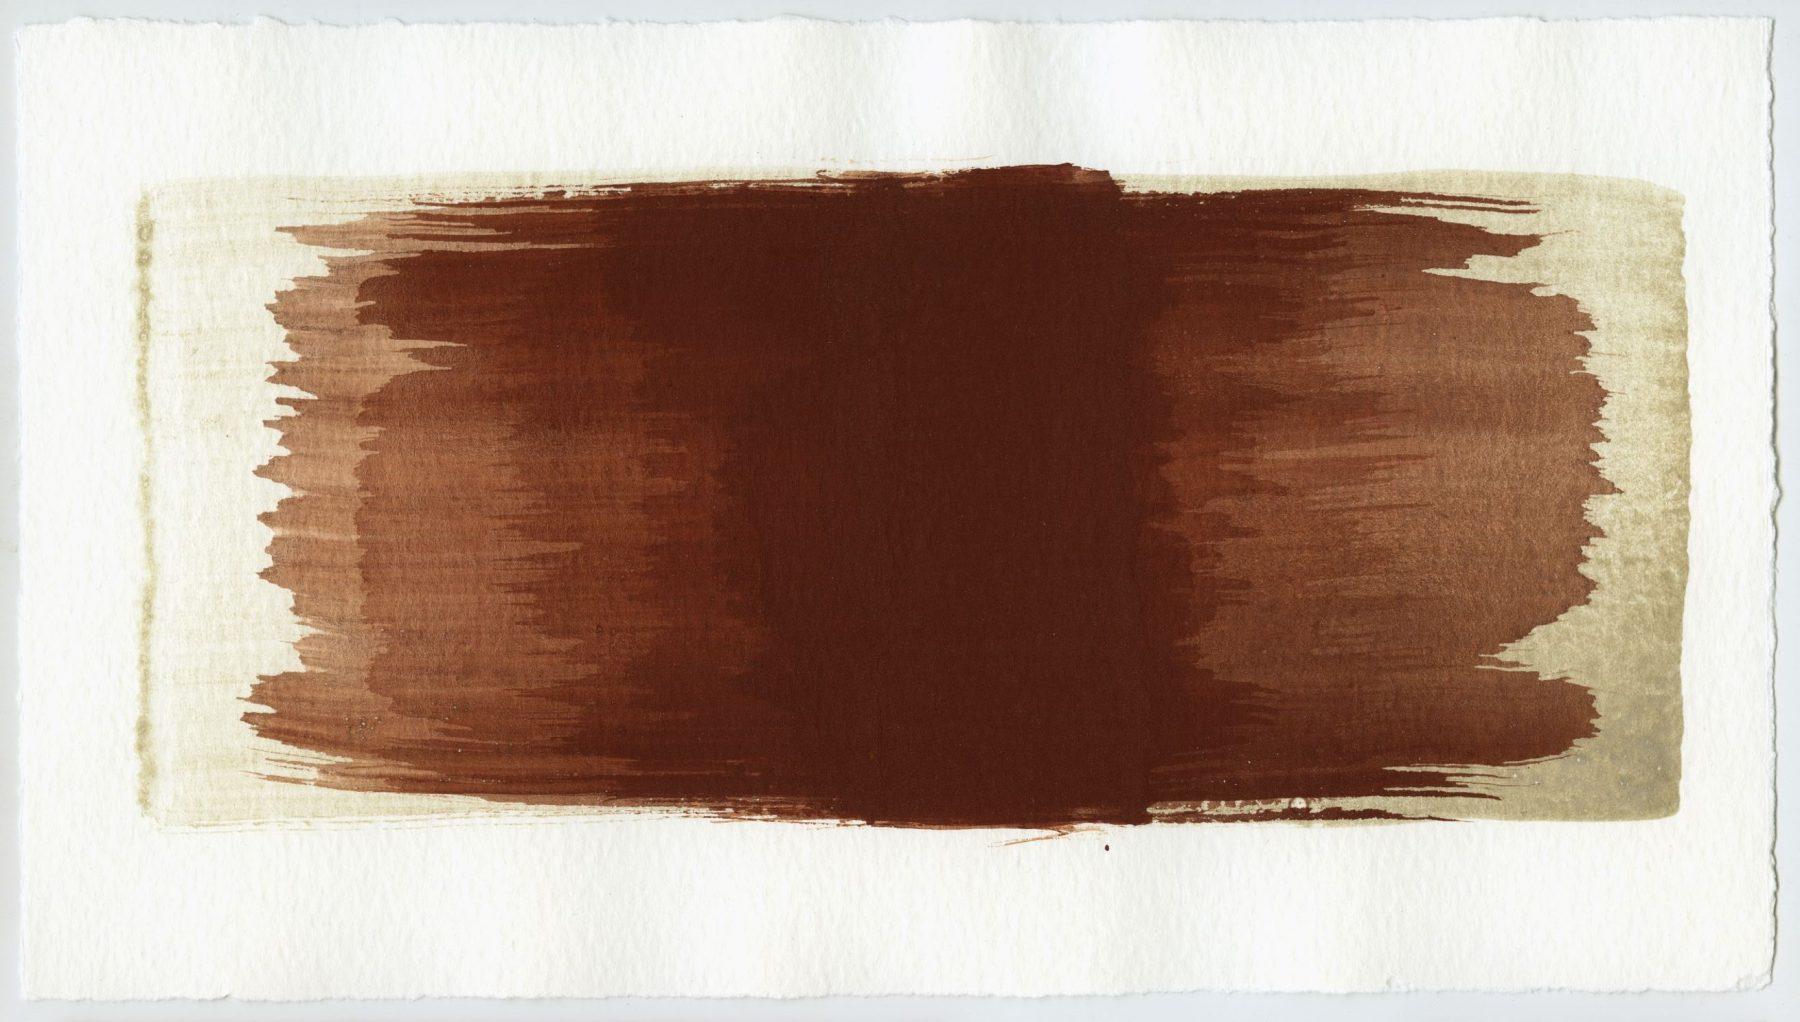 Brush stroke no. 68 - Selfmade pigment: Perekker grijs gebrand, Mortelse oker gebrand